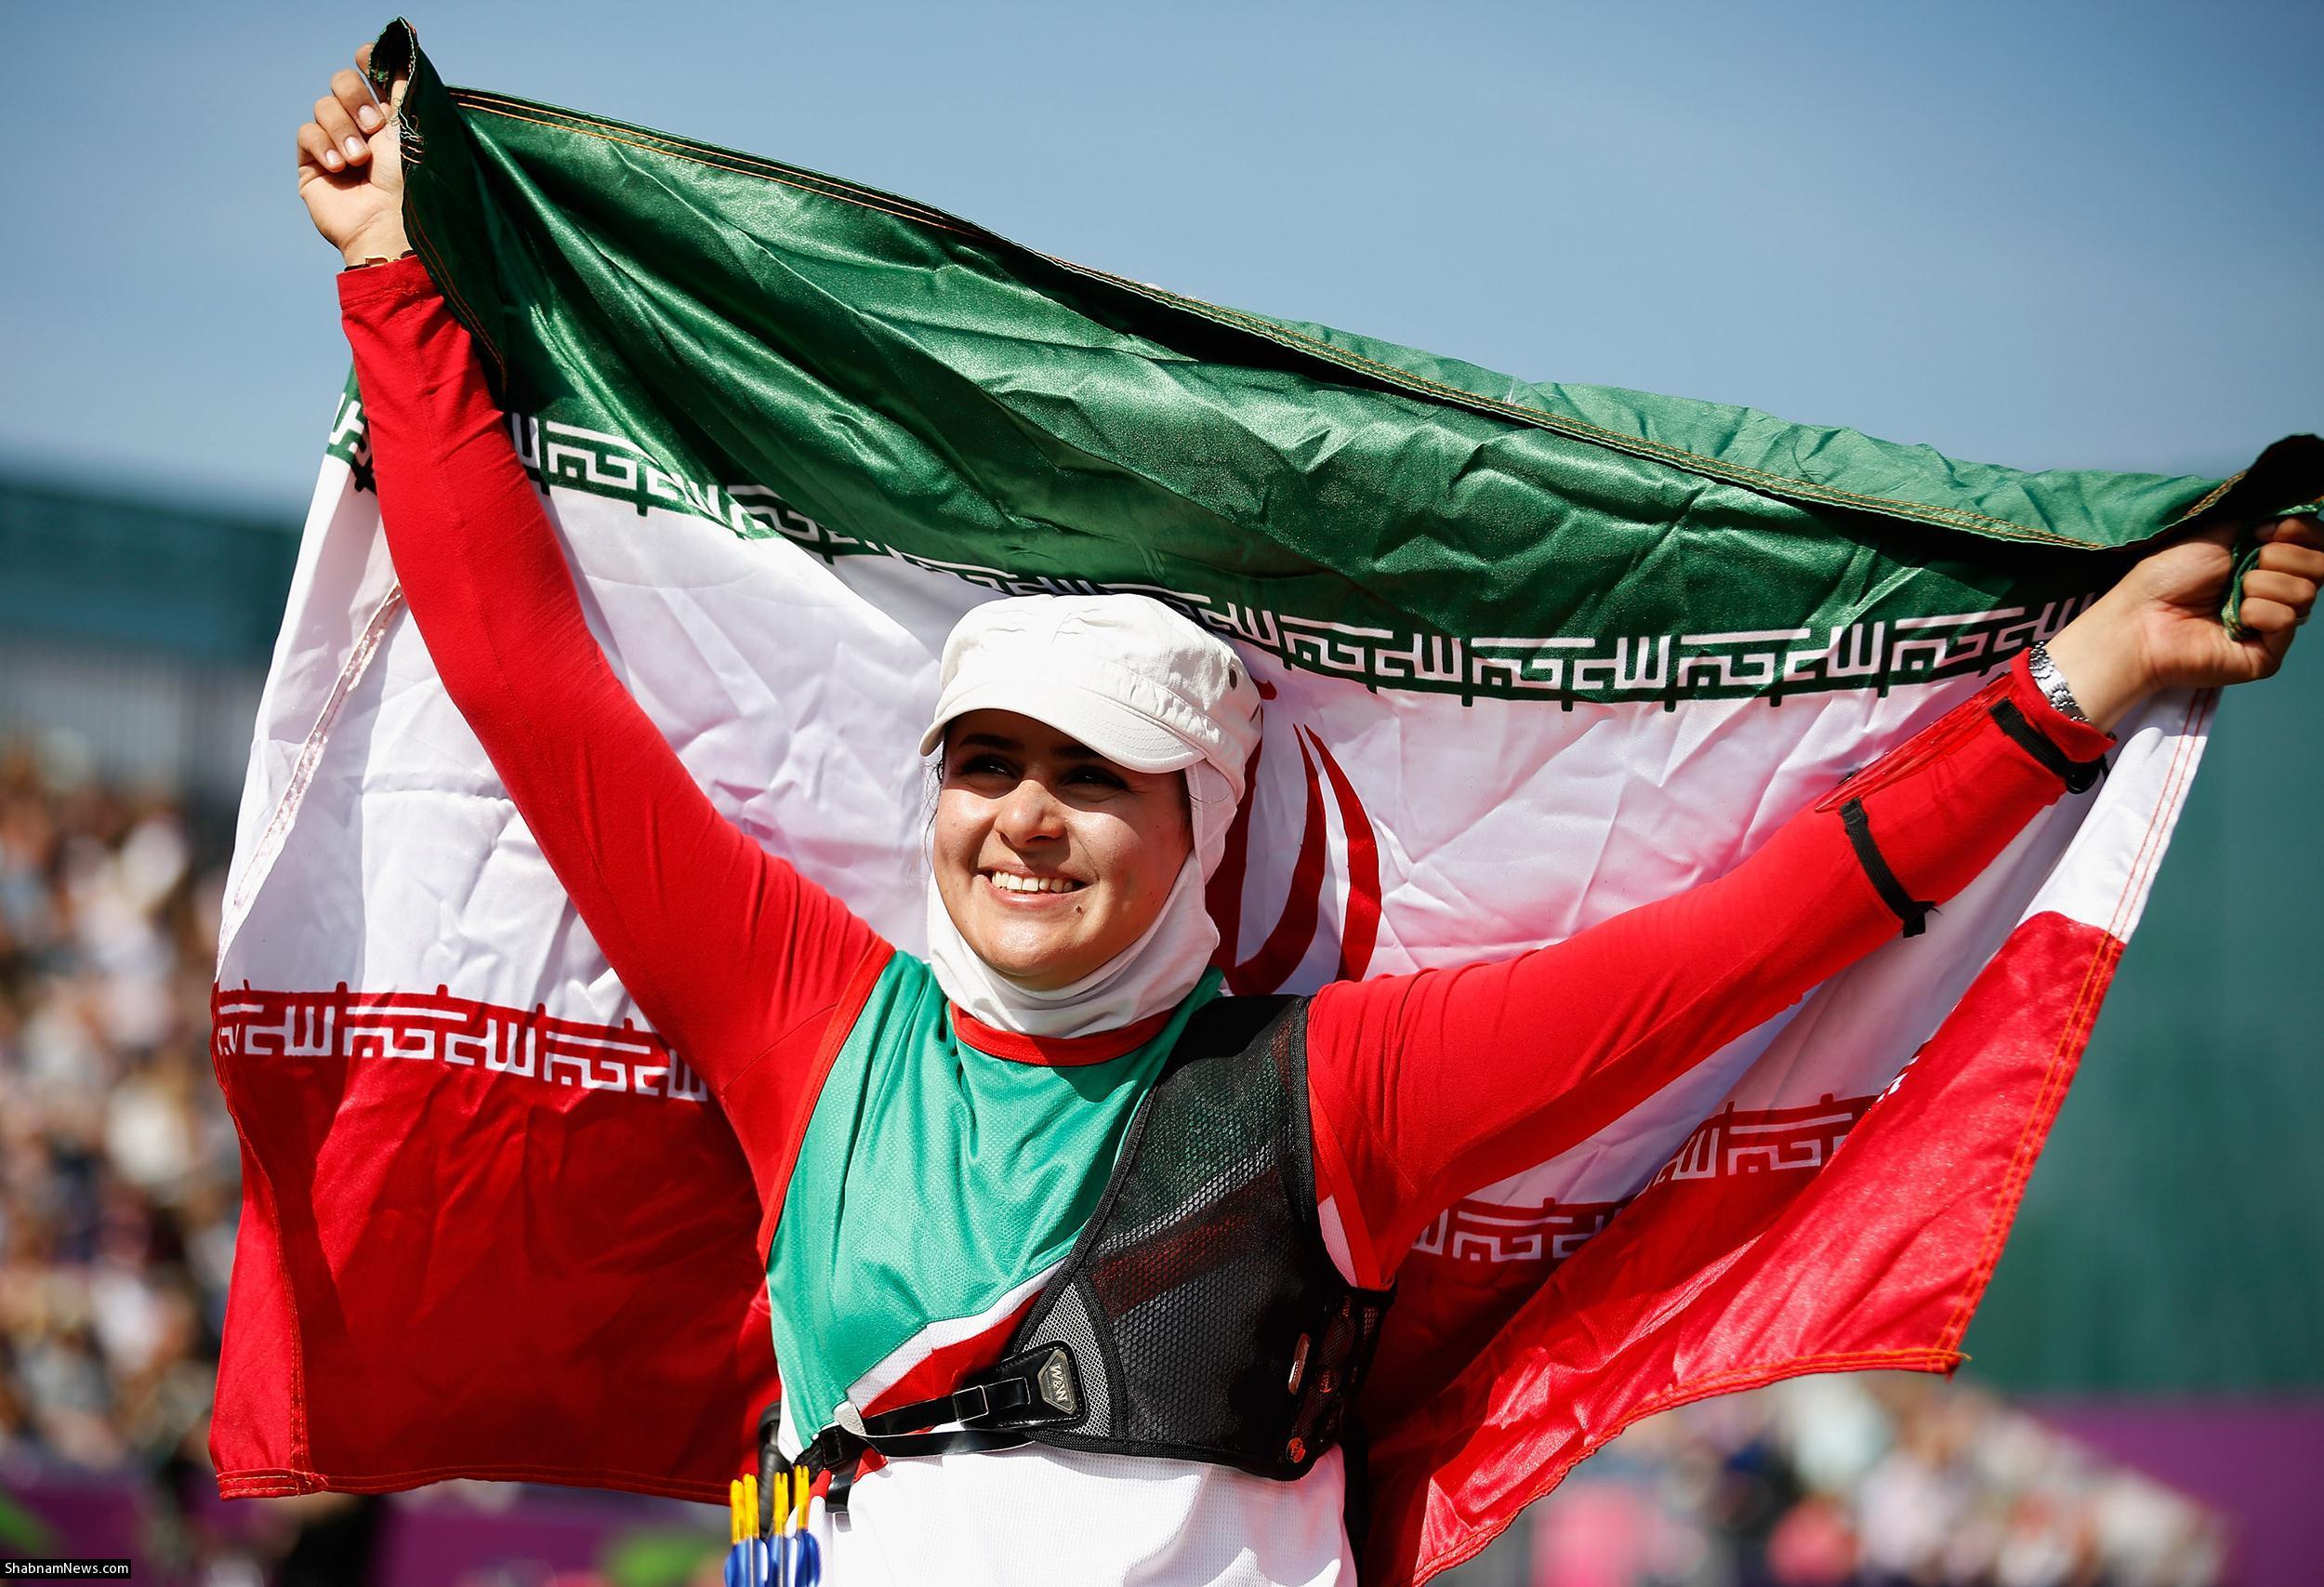 زهرا نعمتی پرچمدار کاروان ایران در المپیک شد(+عکس)